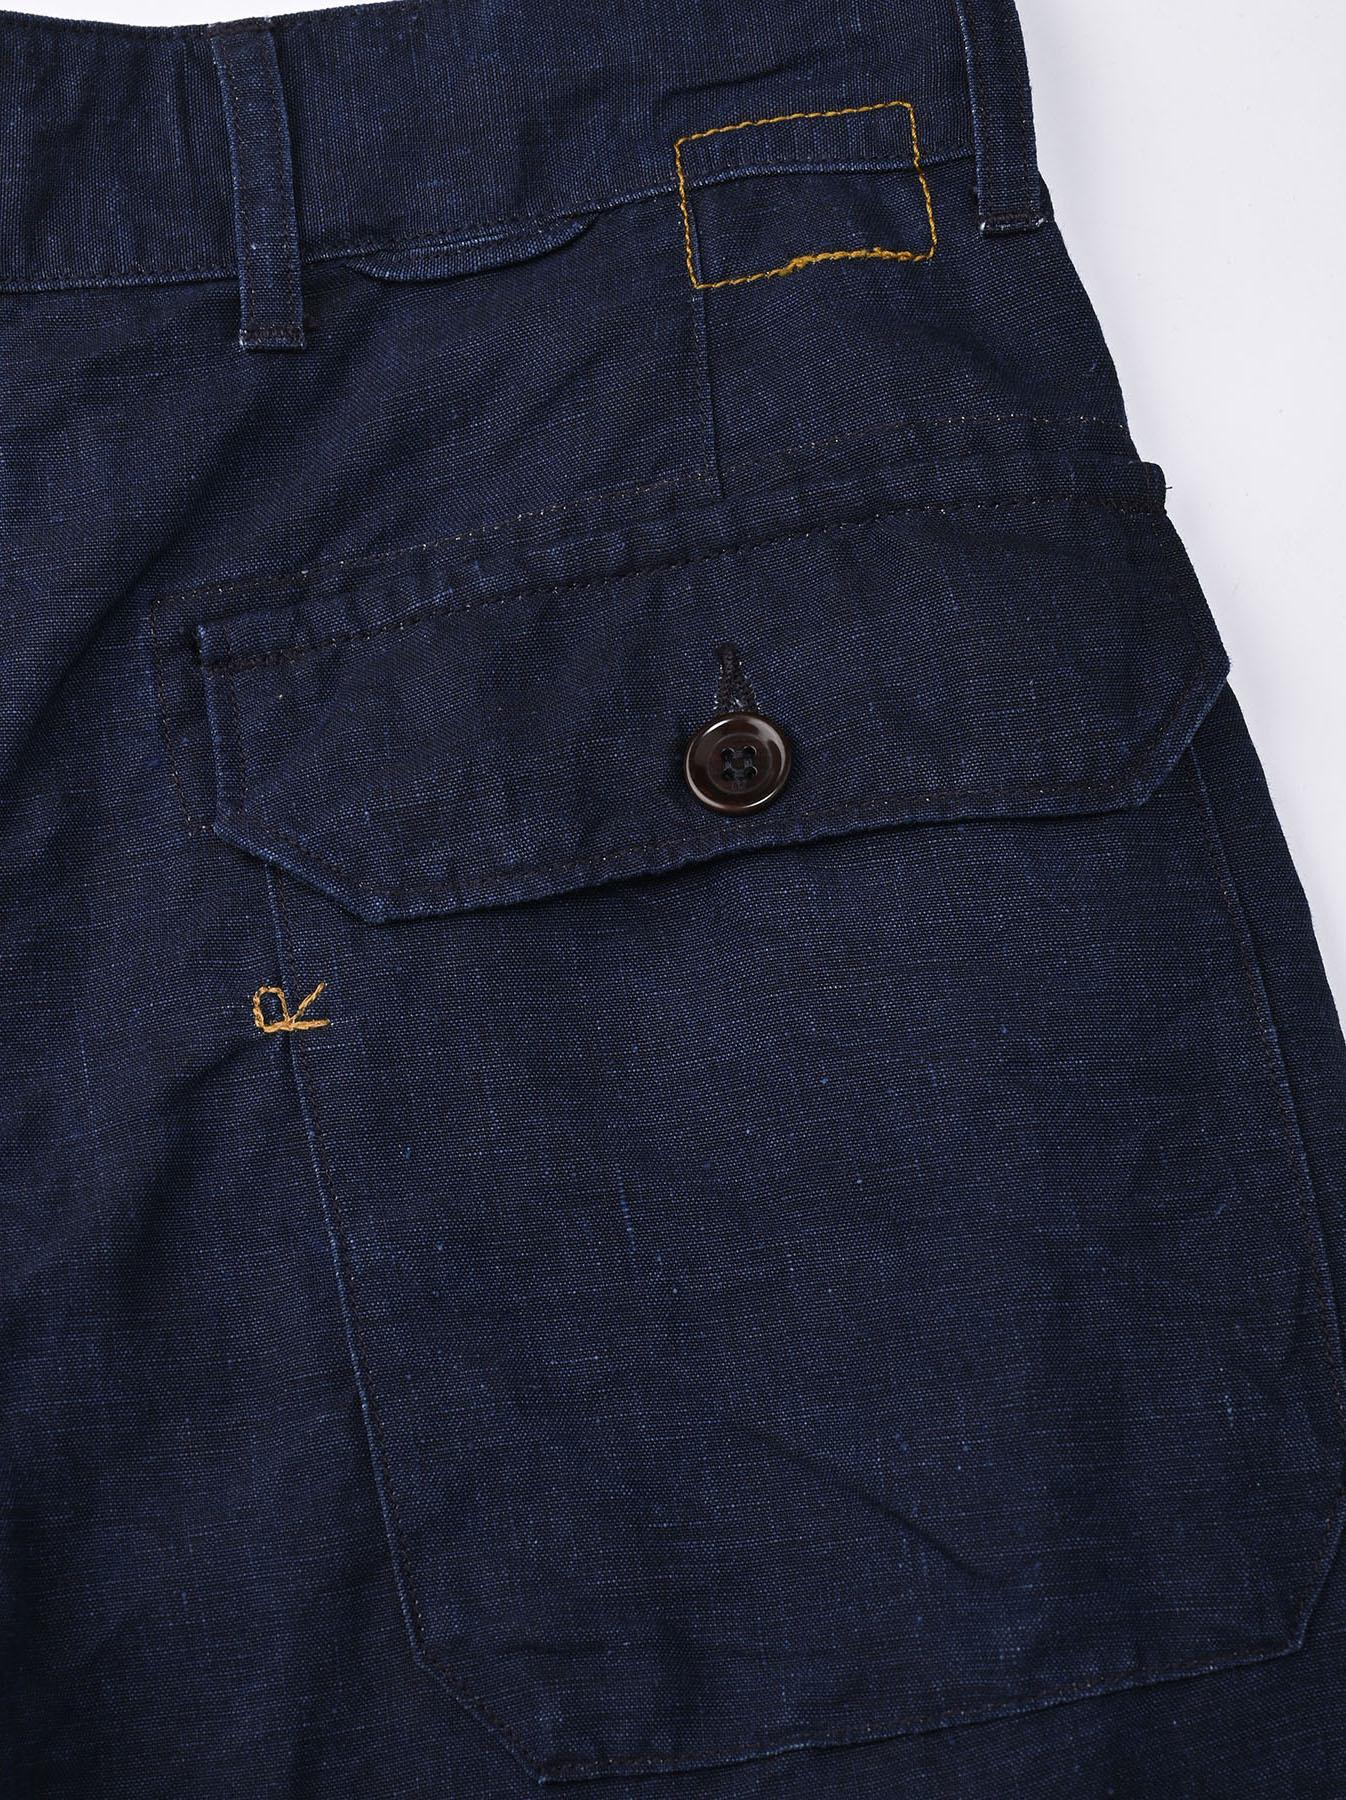 Indigo Linen 908 Baker Pants (0421)-11